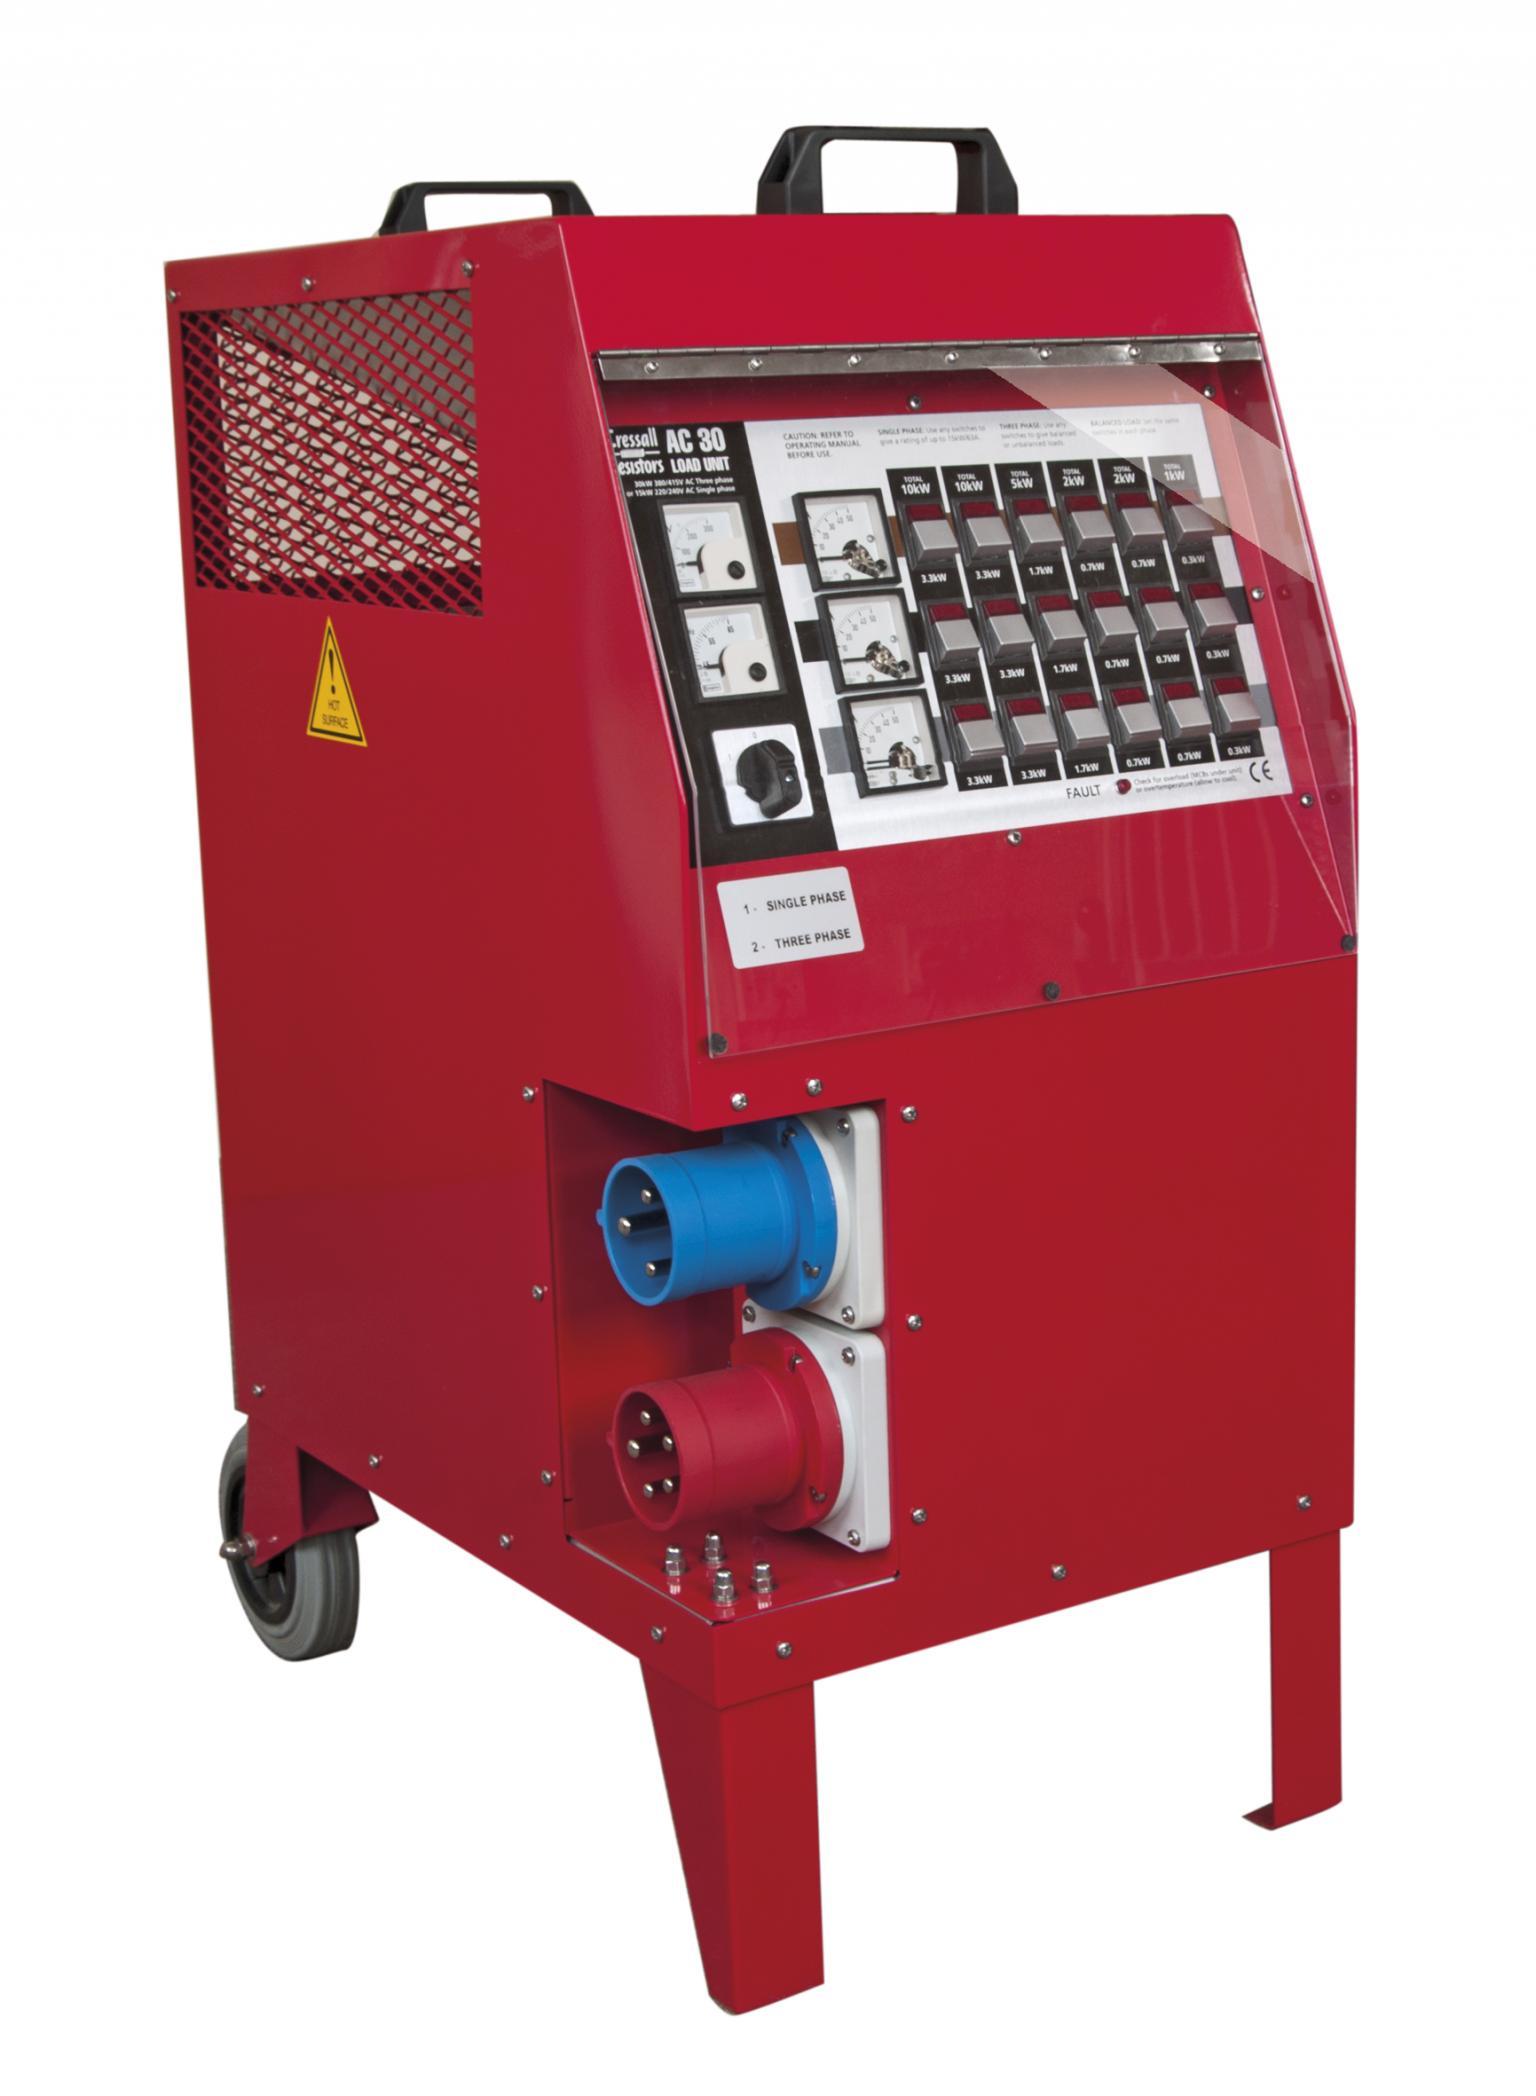 Portable load unit (PLU)